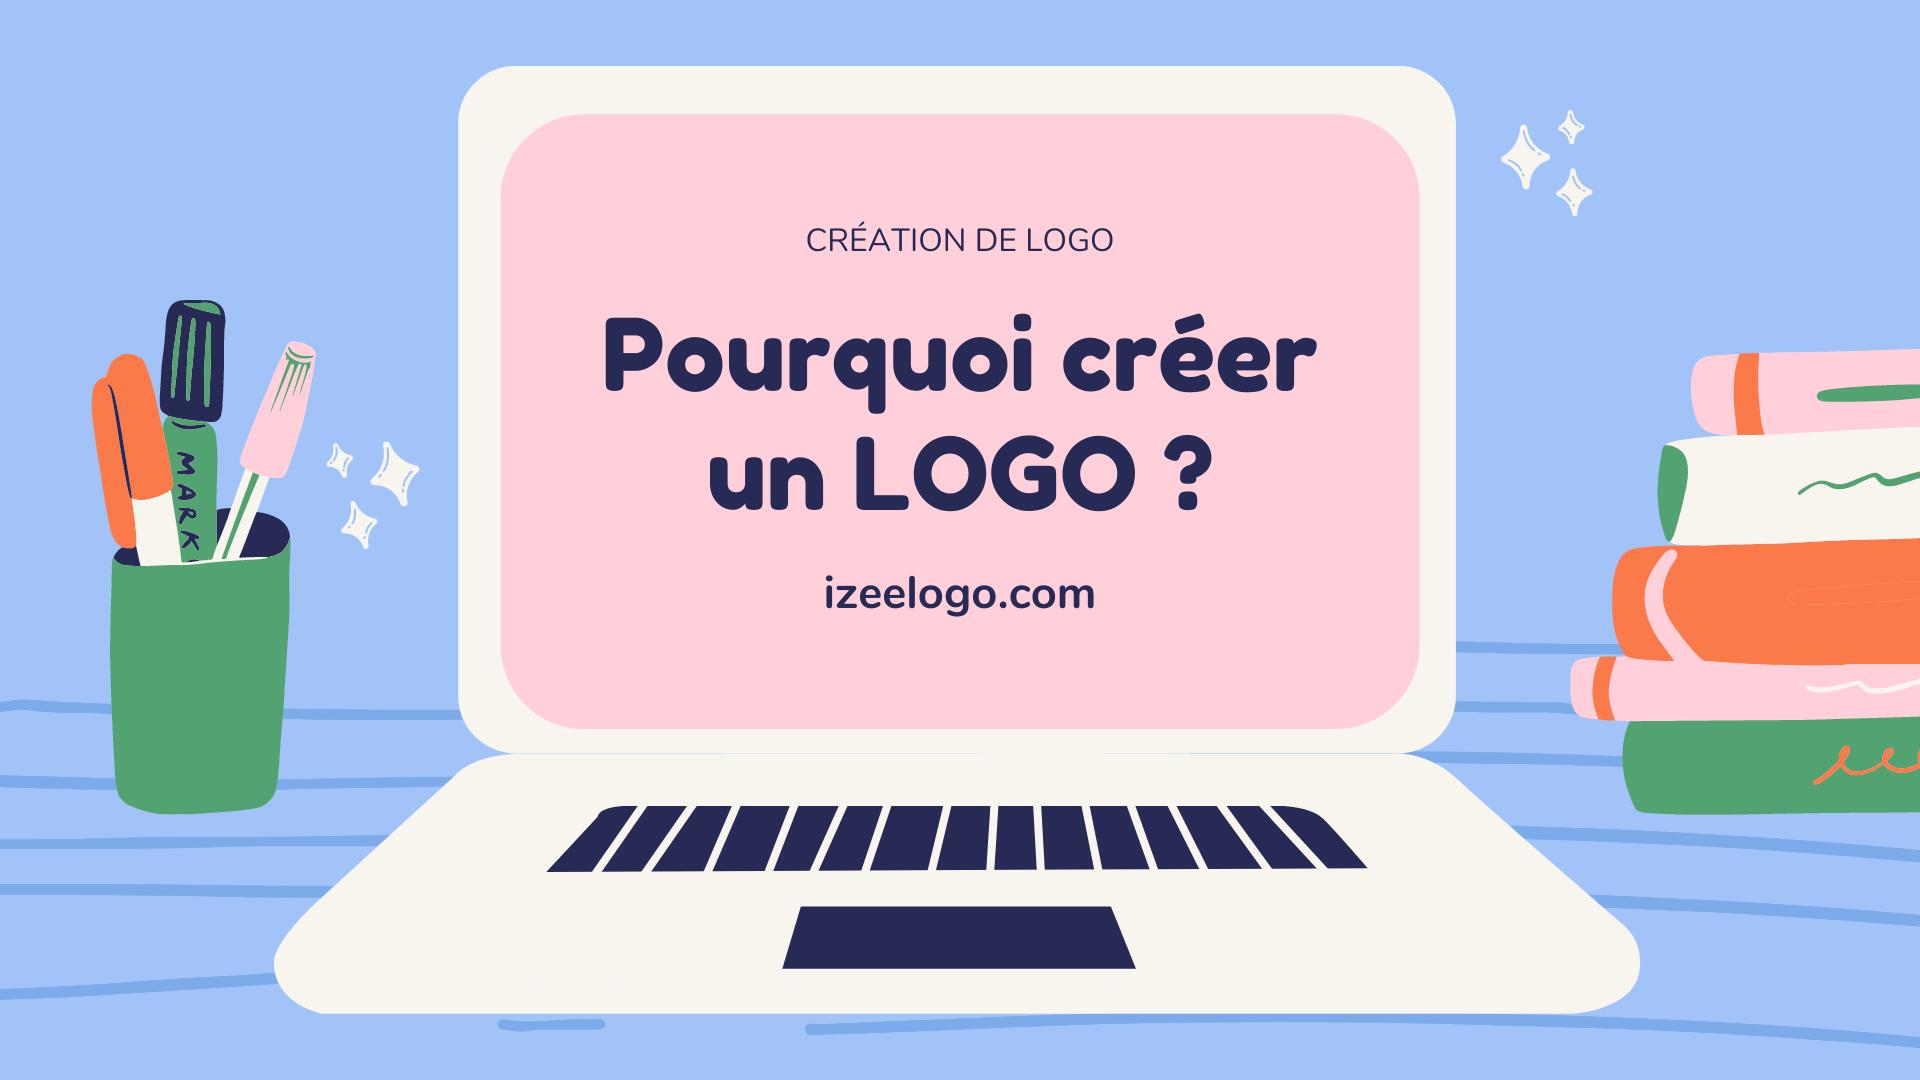 La création d'un logo n